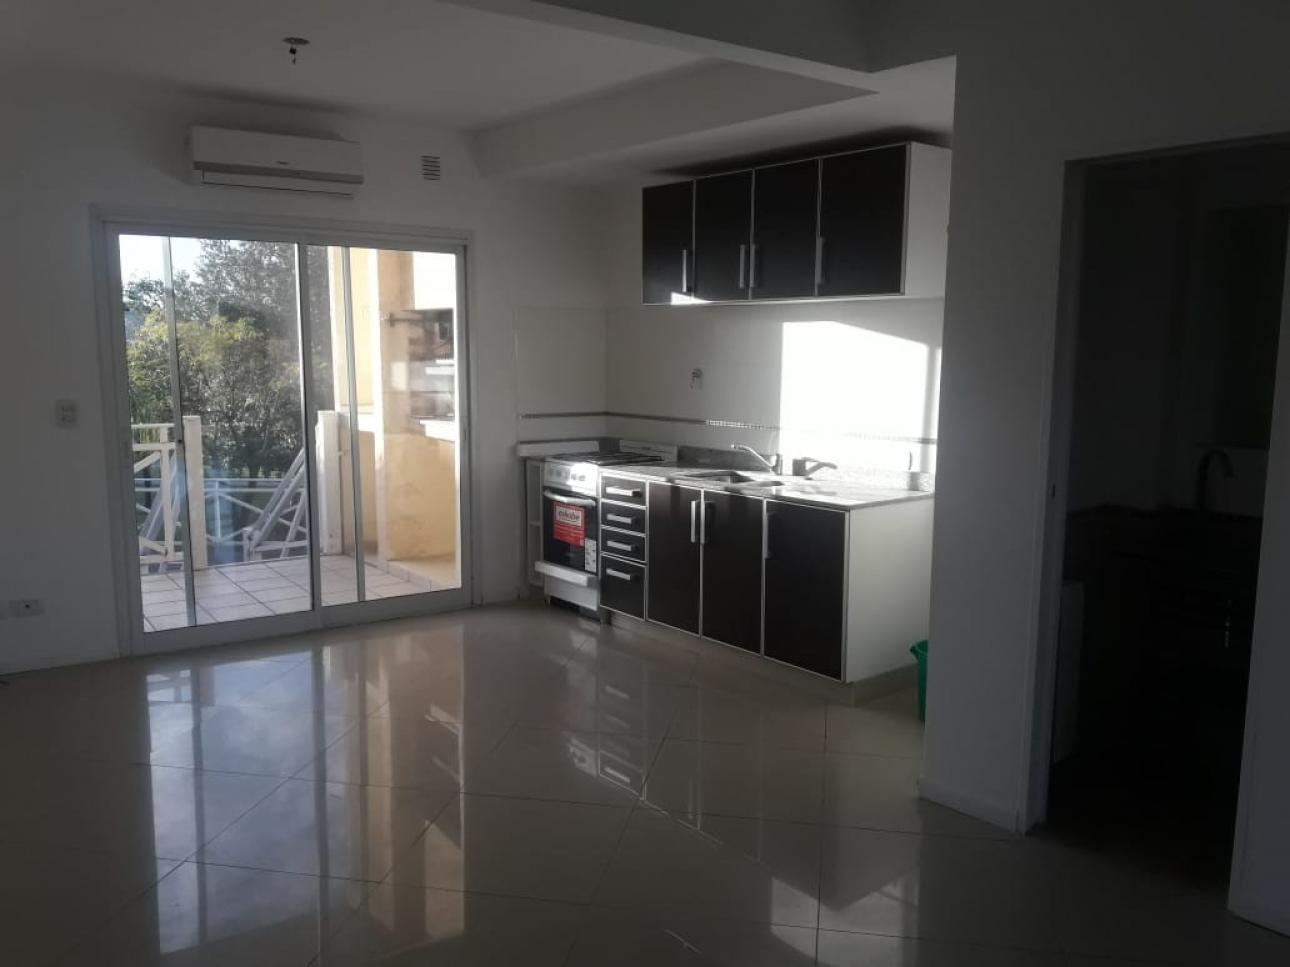 Alquiler de Departamento 2 ambientes en Pilar Pilar